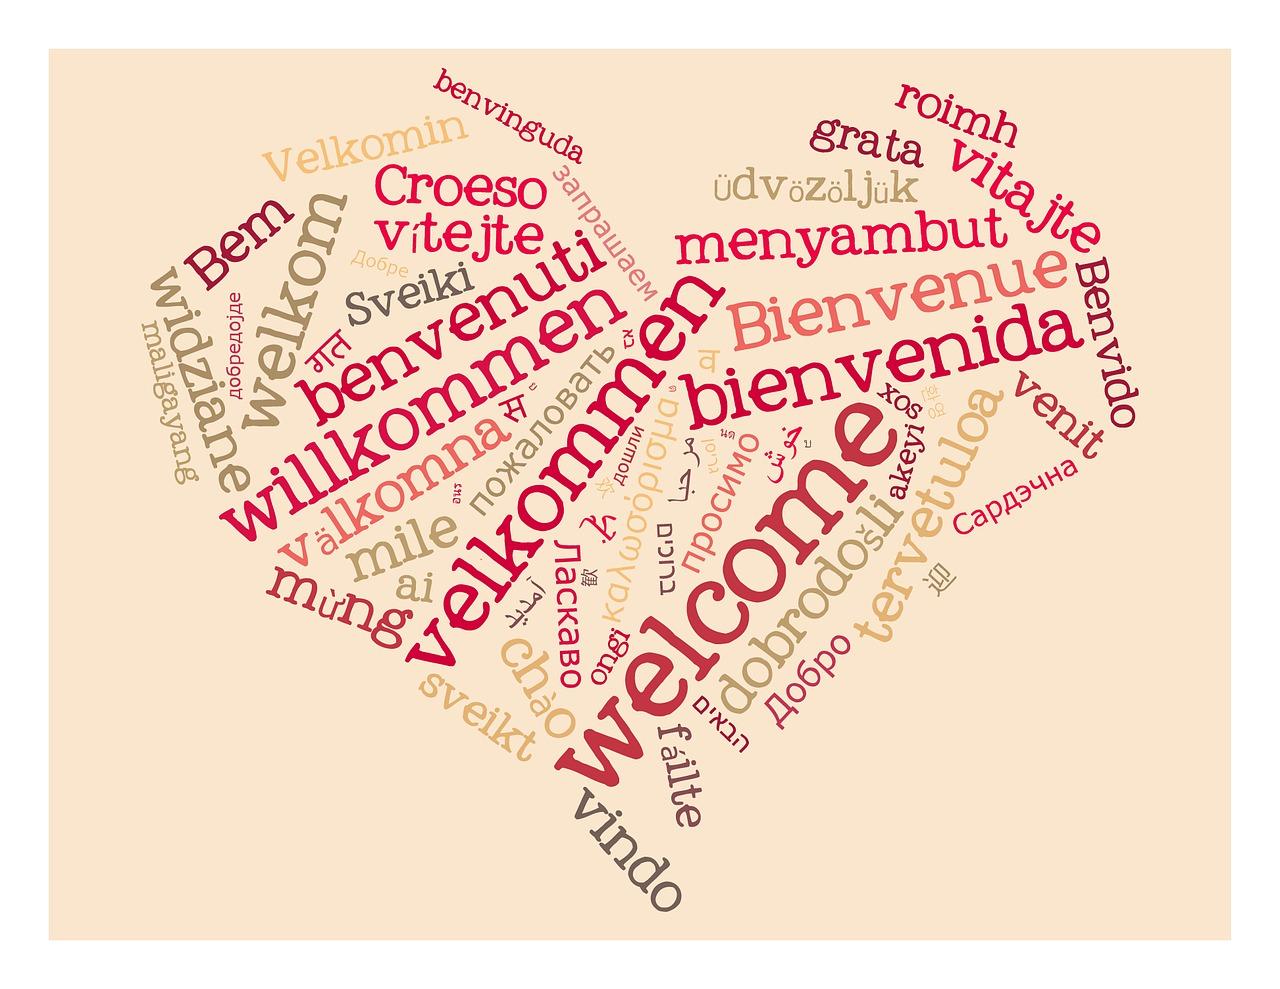 Bienvenue - mot écrit en plusieurs langues